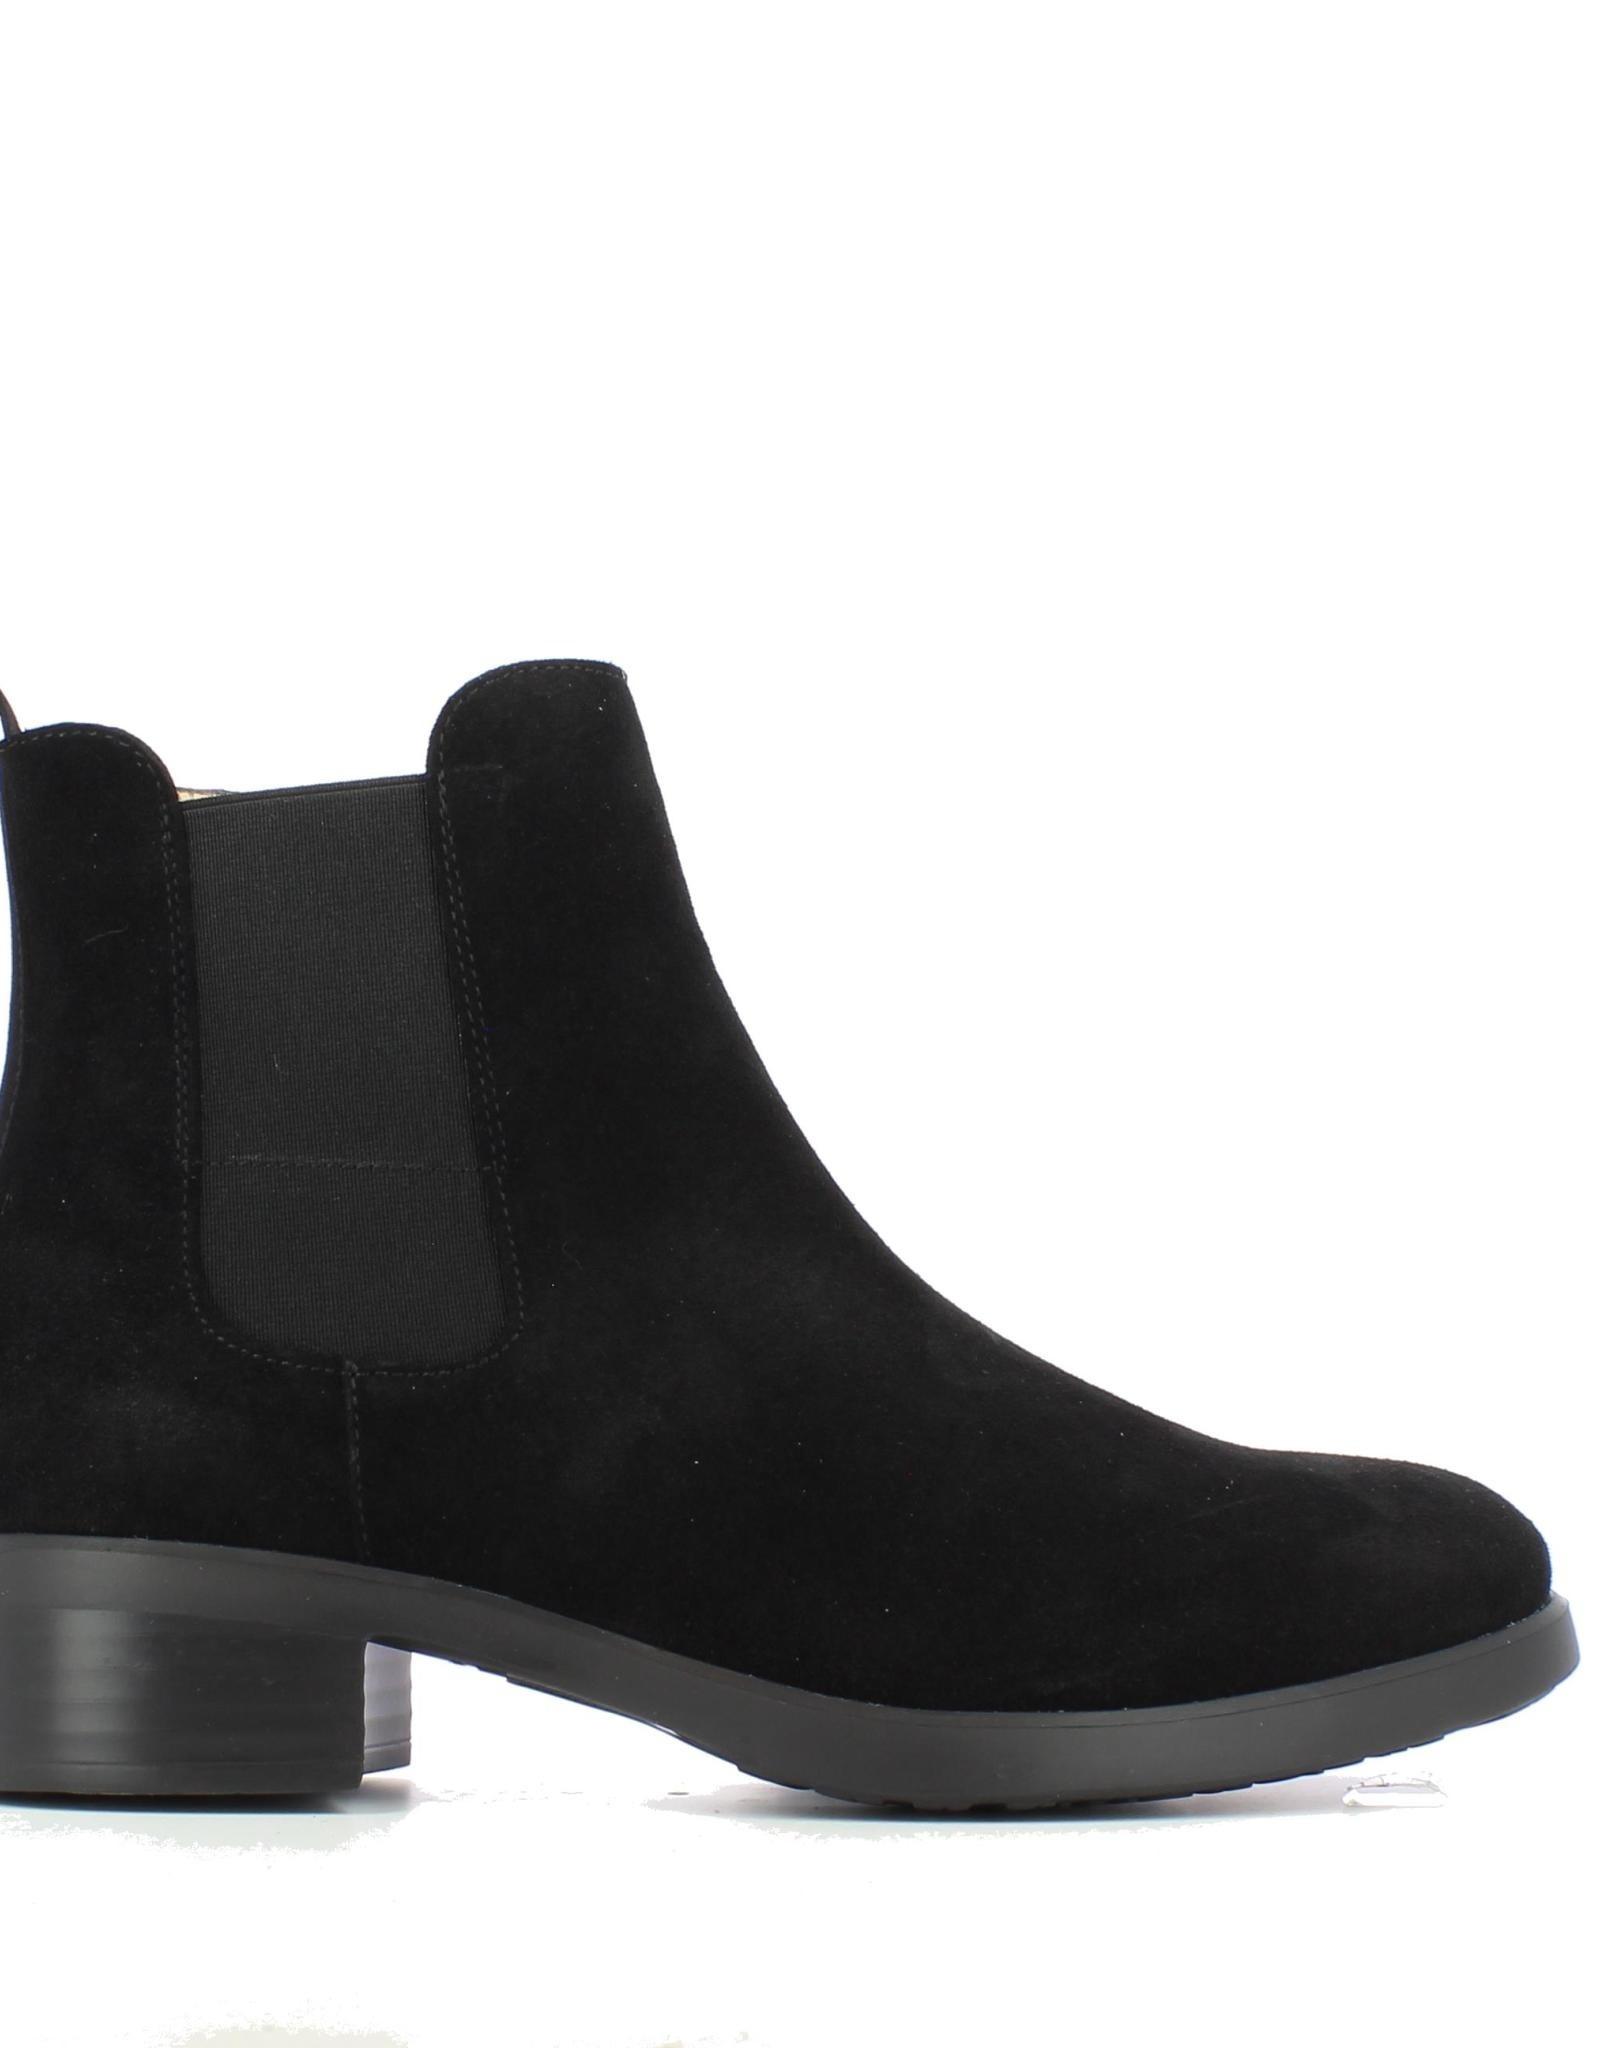 WONDERS Veldry Ankle Boot